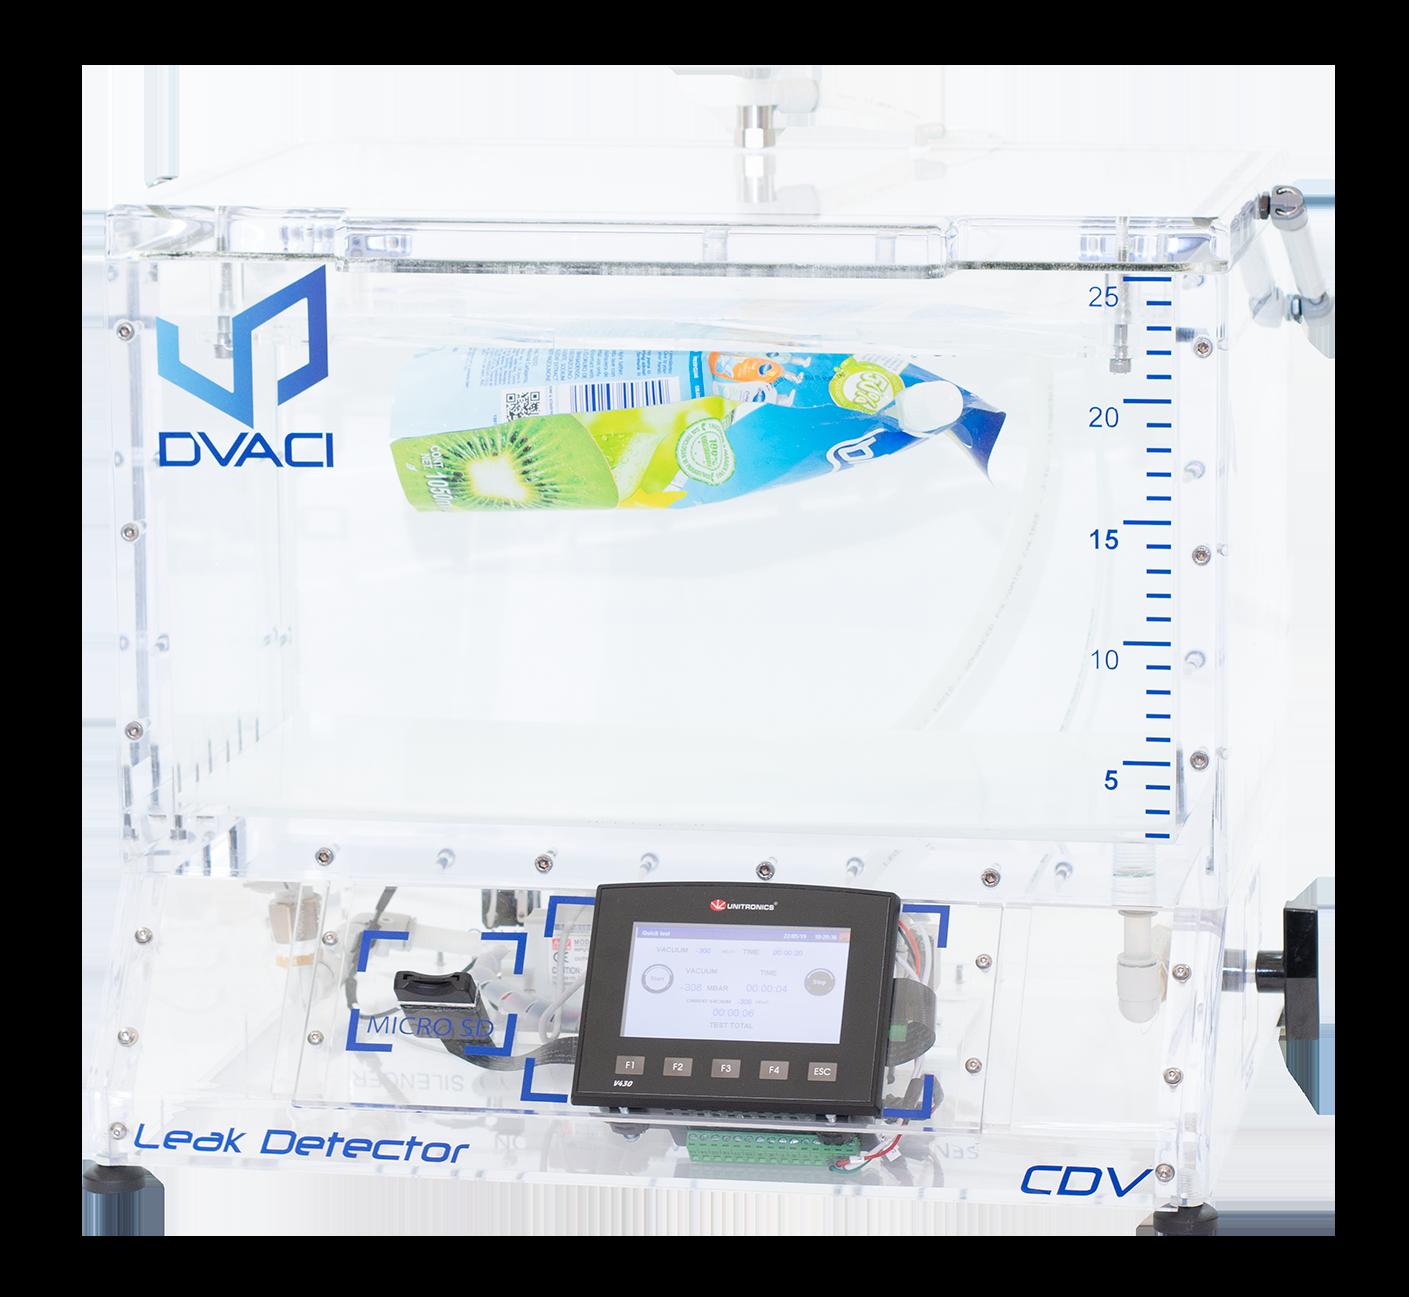 camara de vacio para pruebas de hermeticidad CDV3 PVVI